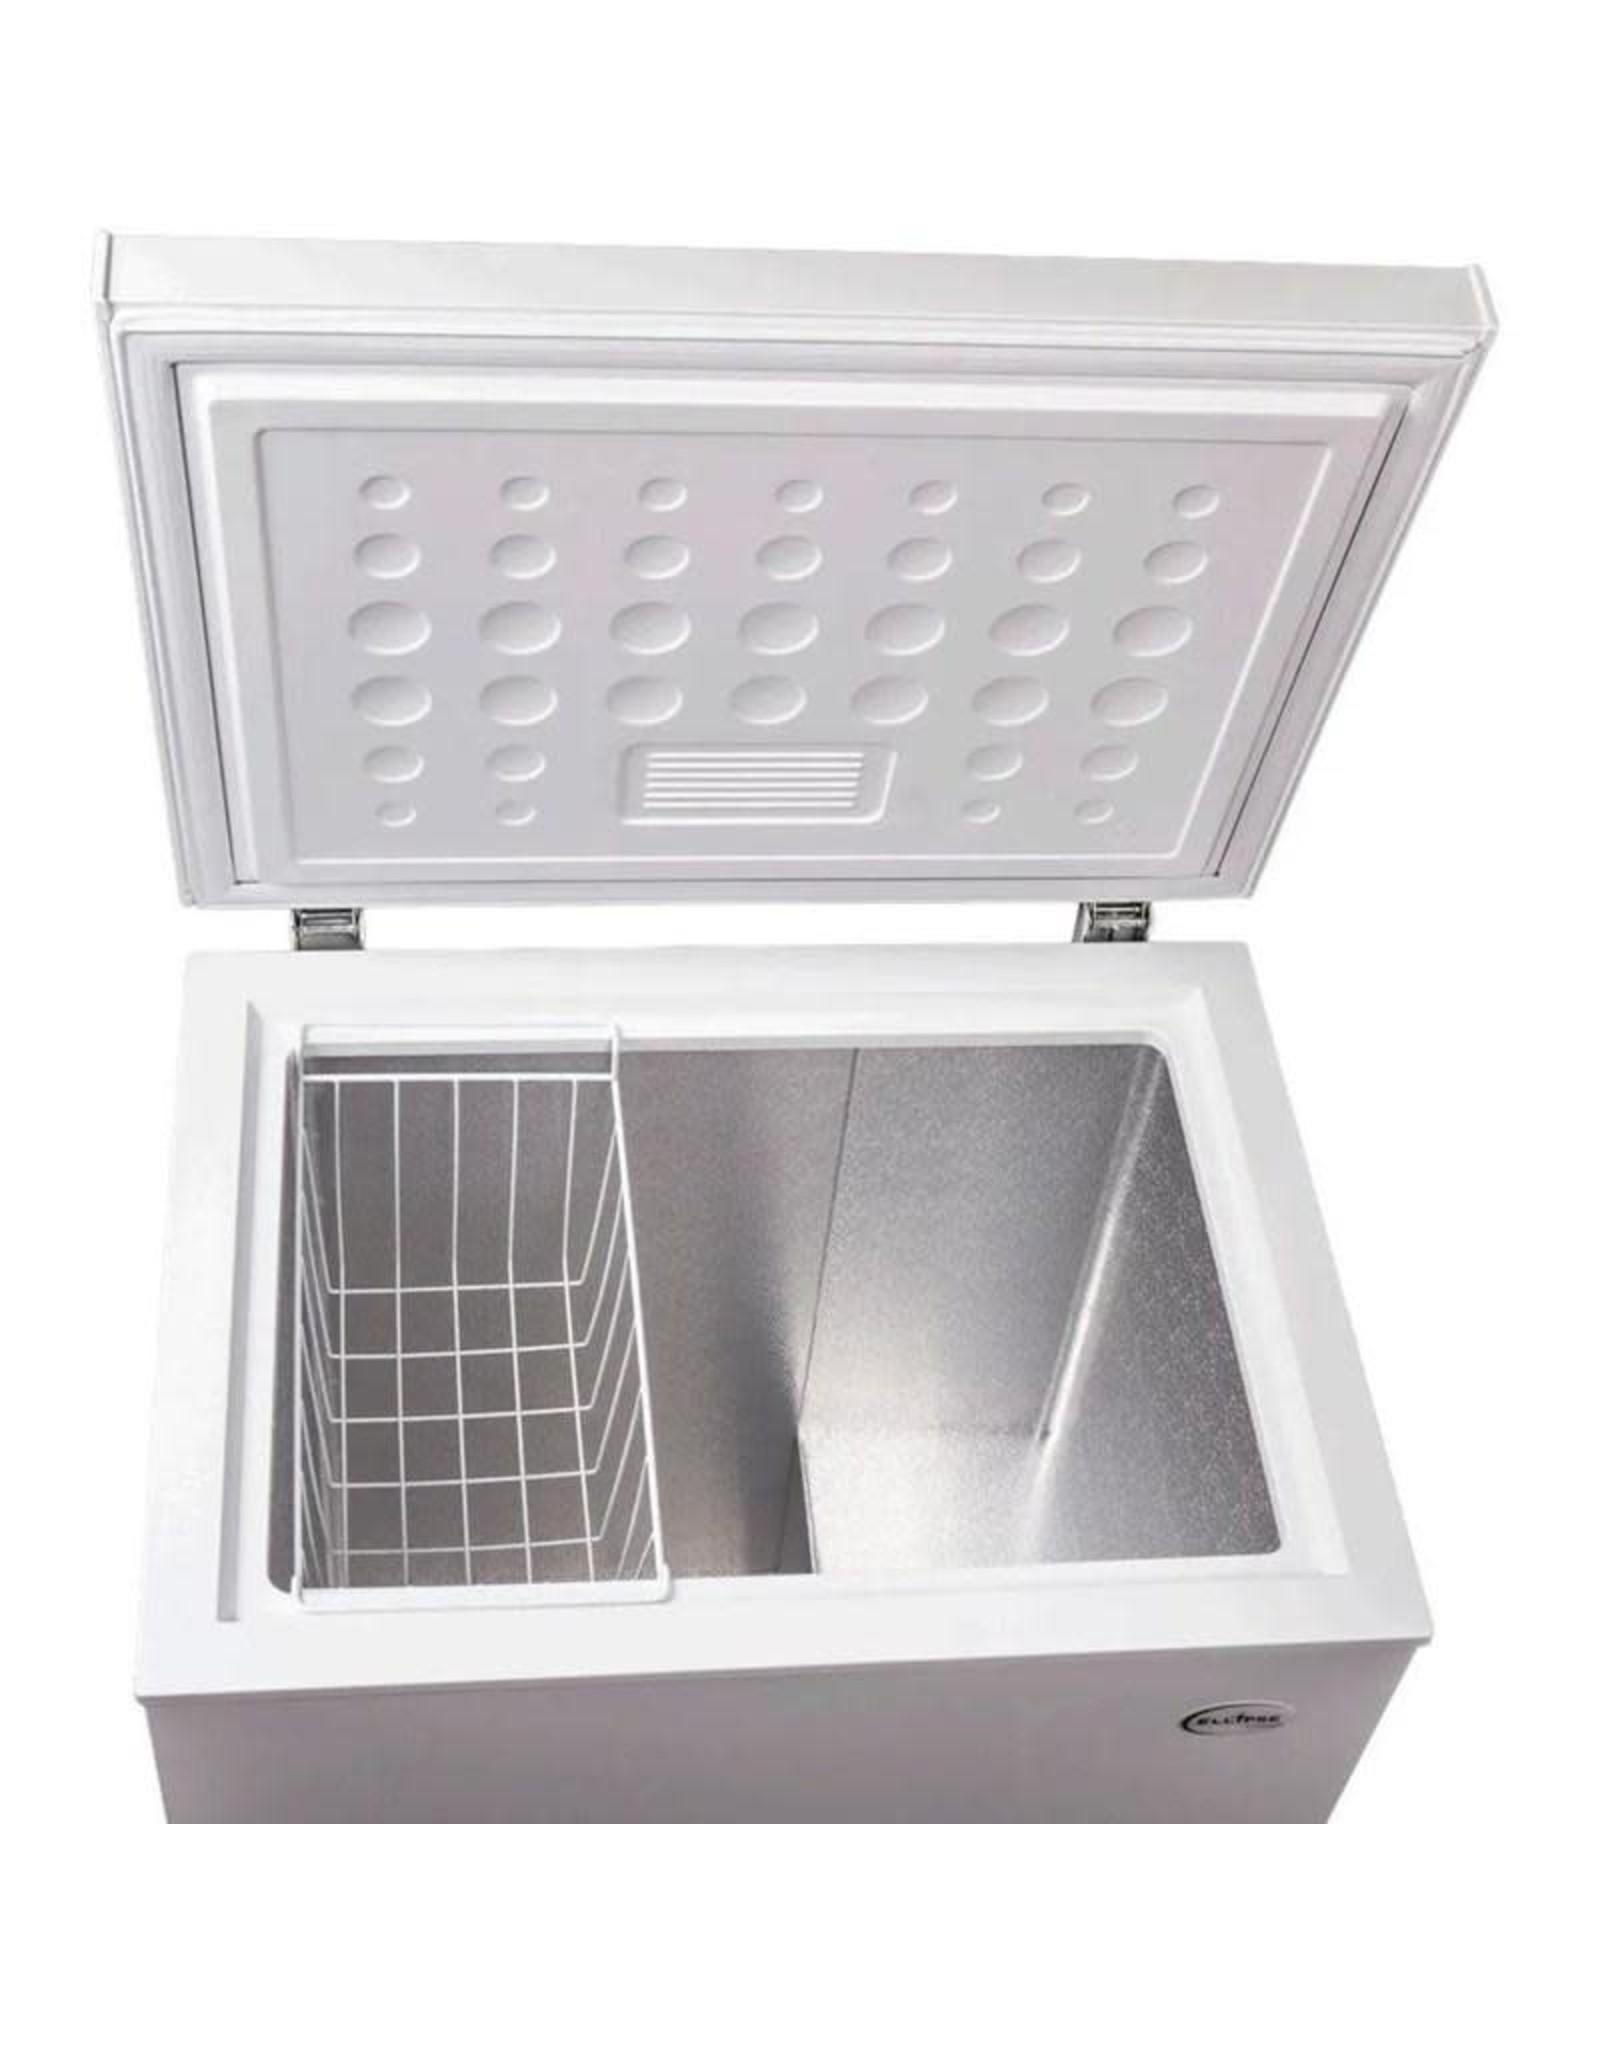 Crosley DECH050W2 5.0 Chest Freezer